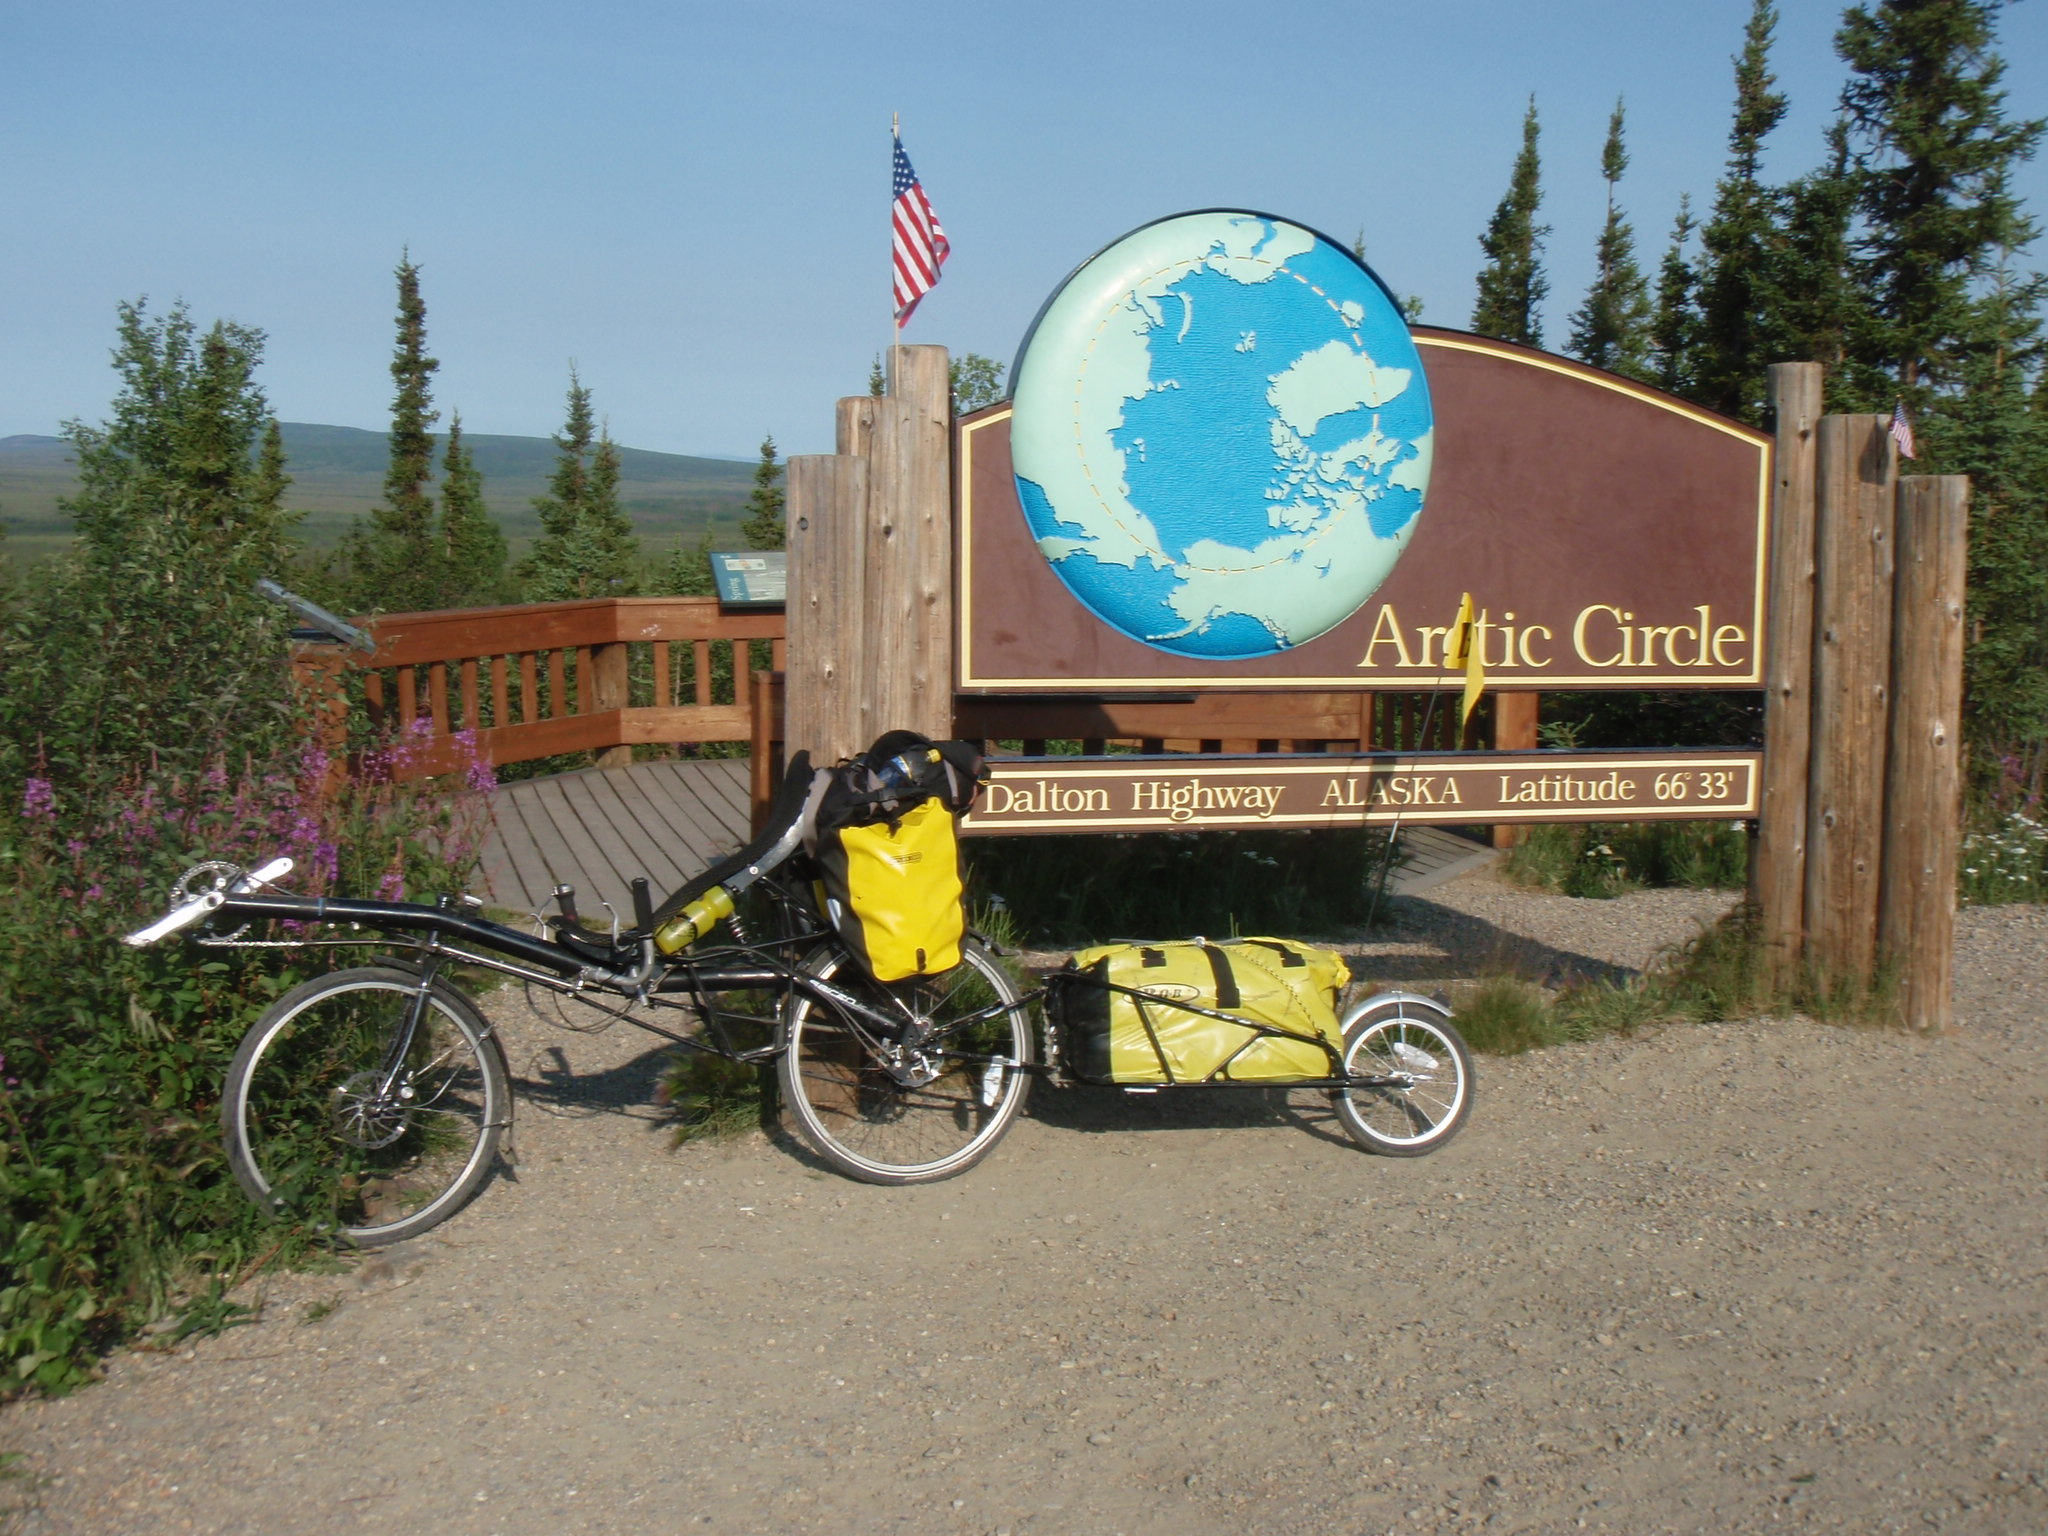 At Arctic Circle